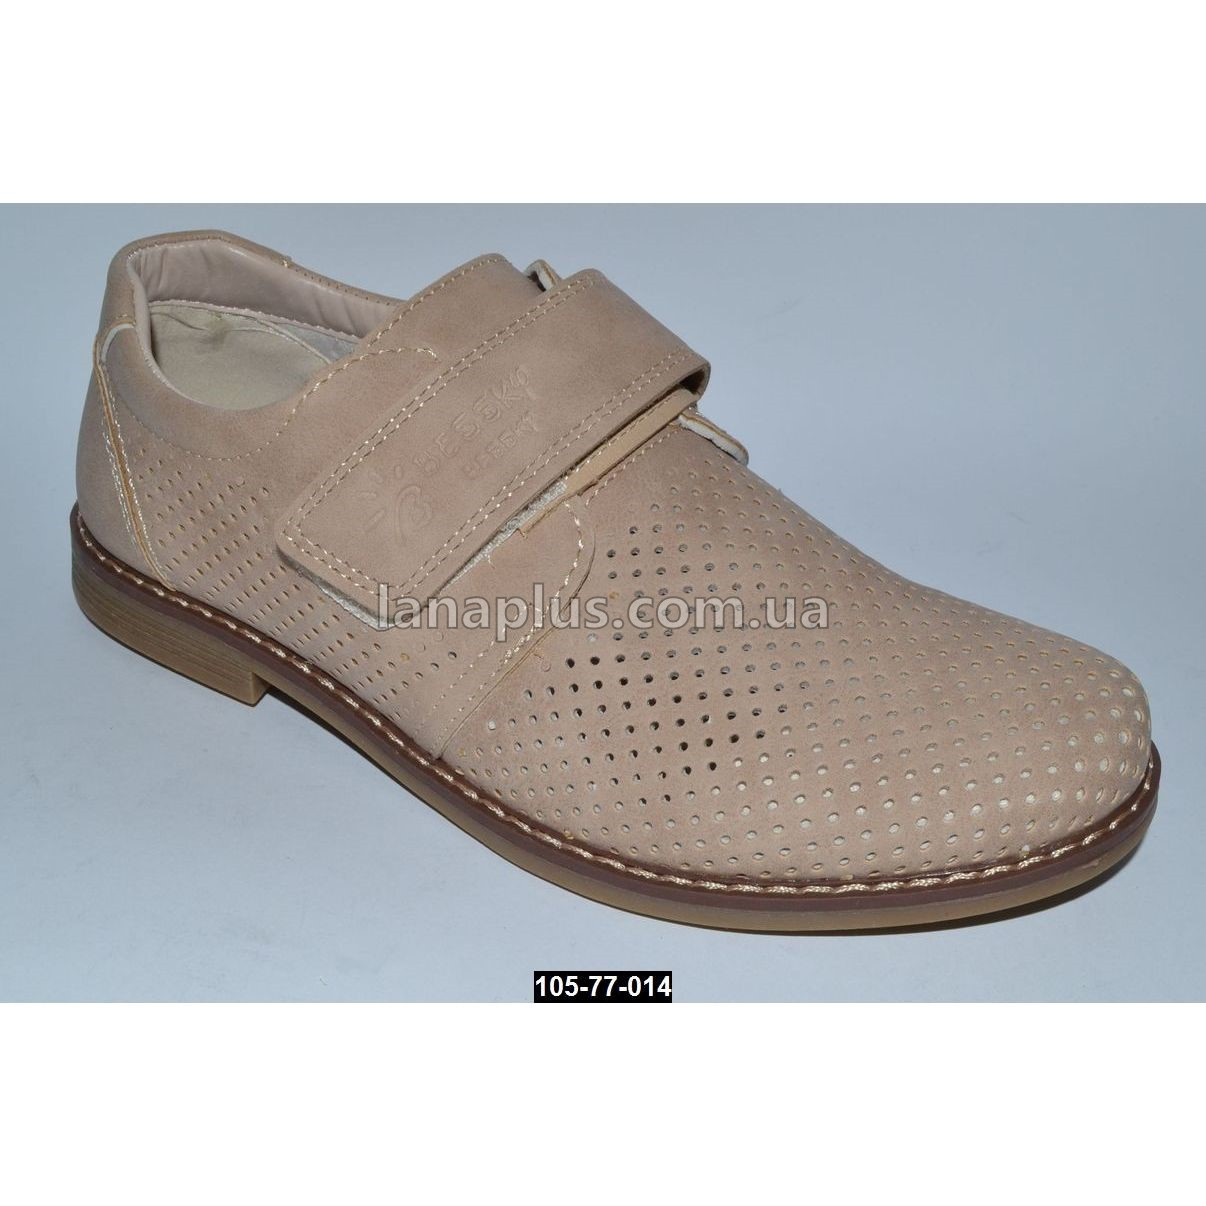 Летние туфли для мальчика, 38 размер (24.5 см), супинатор, 105-77-014